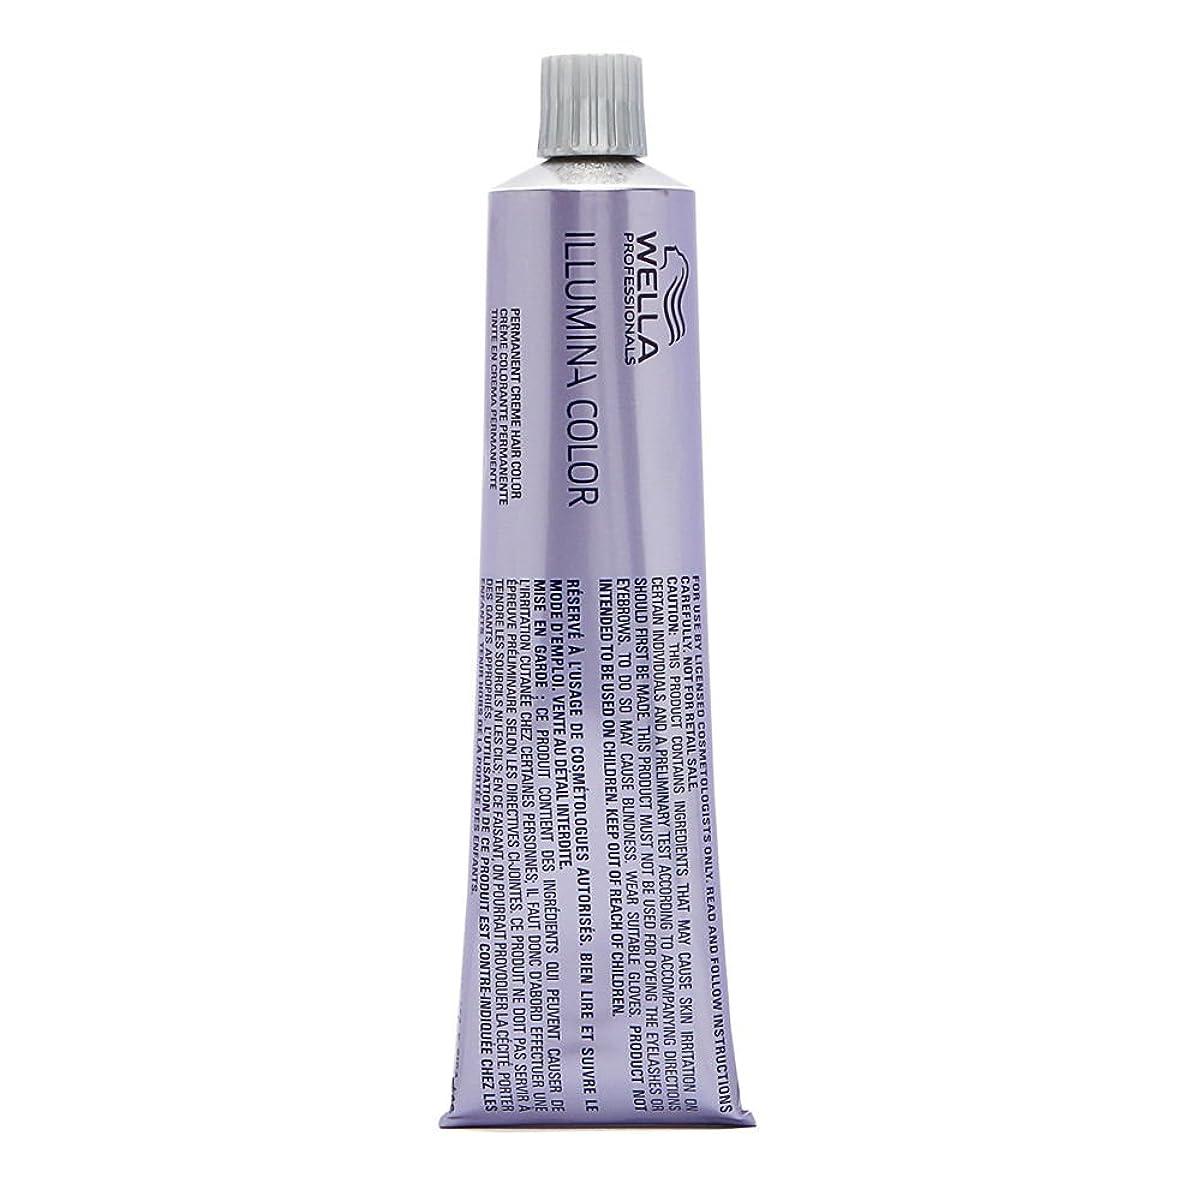 シャーロットブロンテ収束それるWella イルミナの色(ダークブロンド/灰cendre 6/19) 2オンス